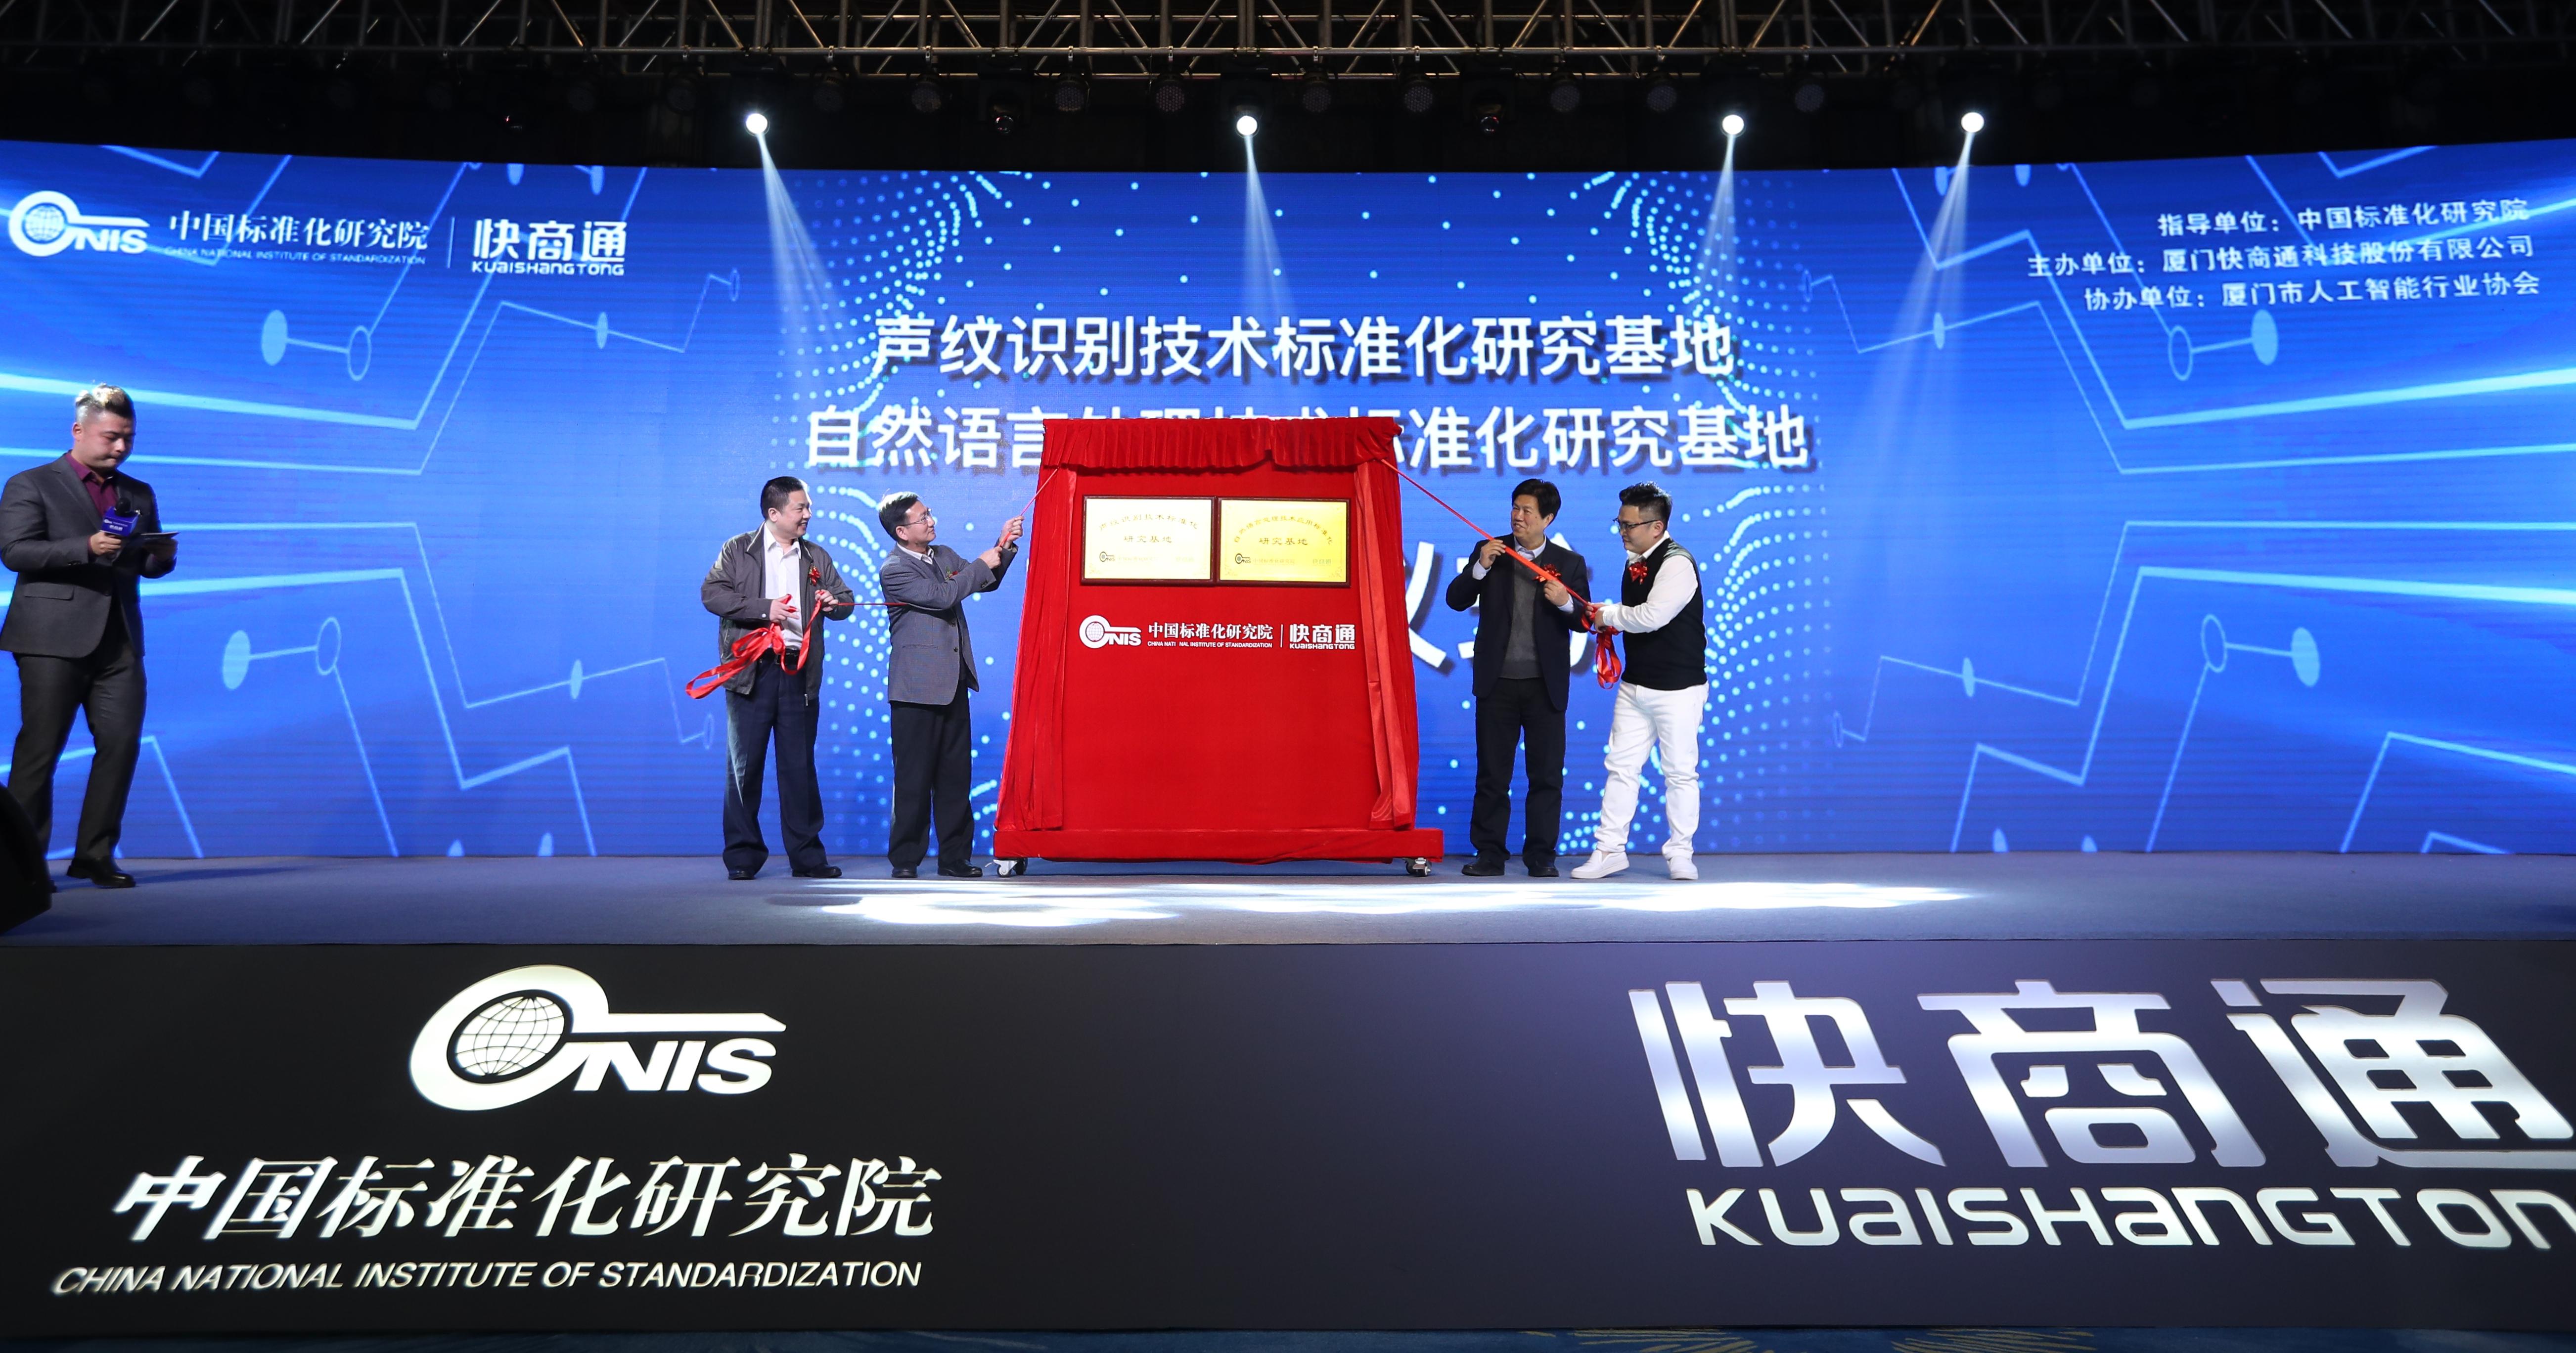 机器之心丨快商通与中国标准化研究院战略合作 : 共同制定人